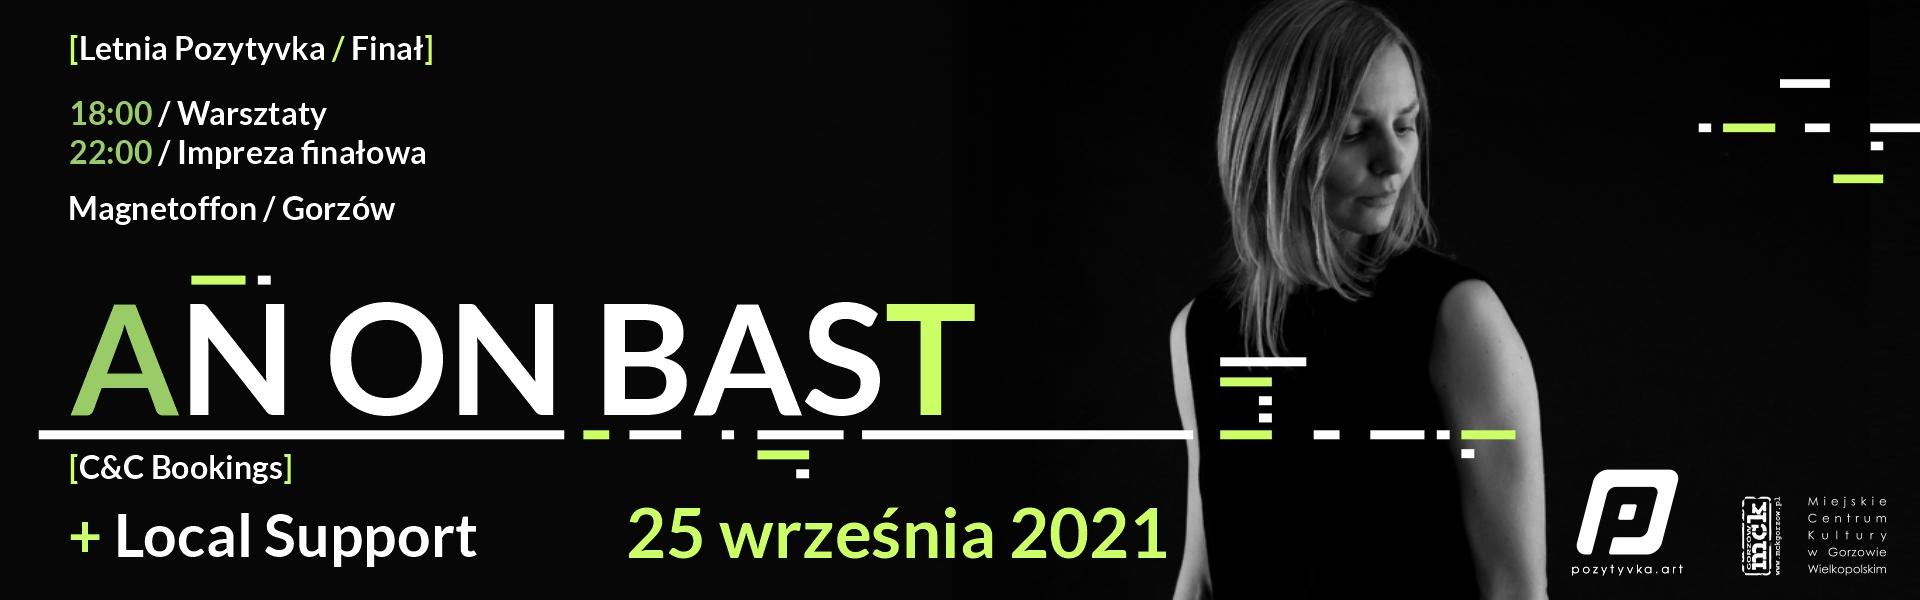 letnia pozytyvka 2021